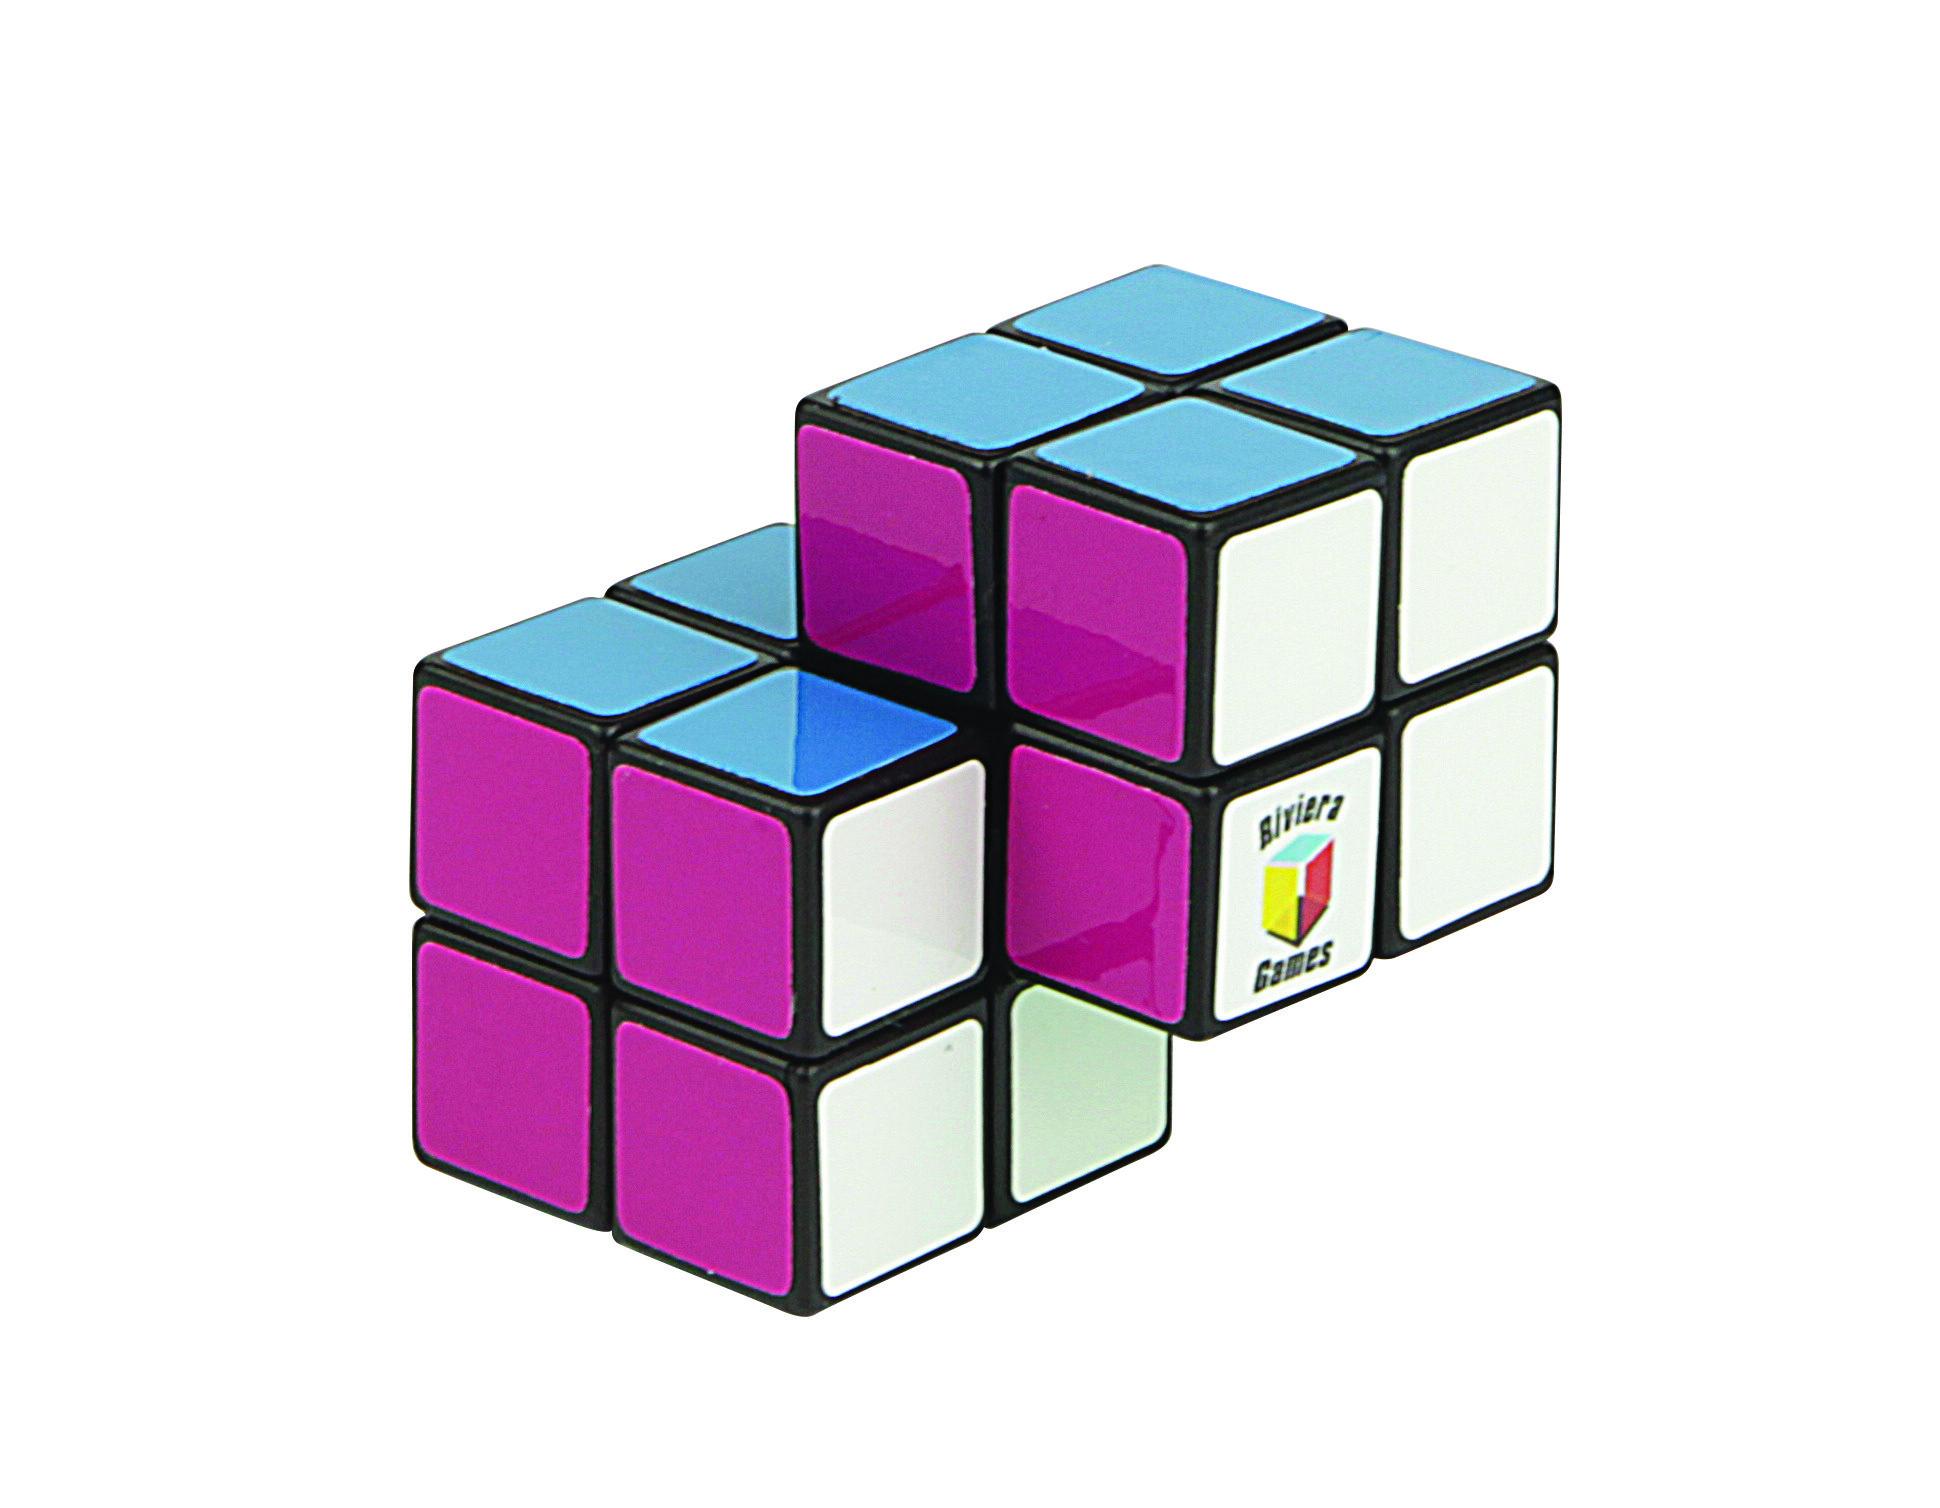 Casse-têtes - Multi-cube double - 15 x 4 x 12 cm --Riviera Games